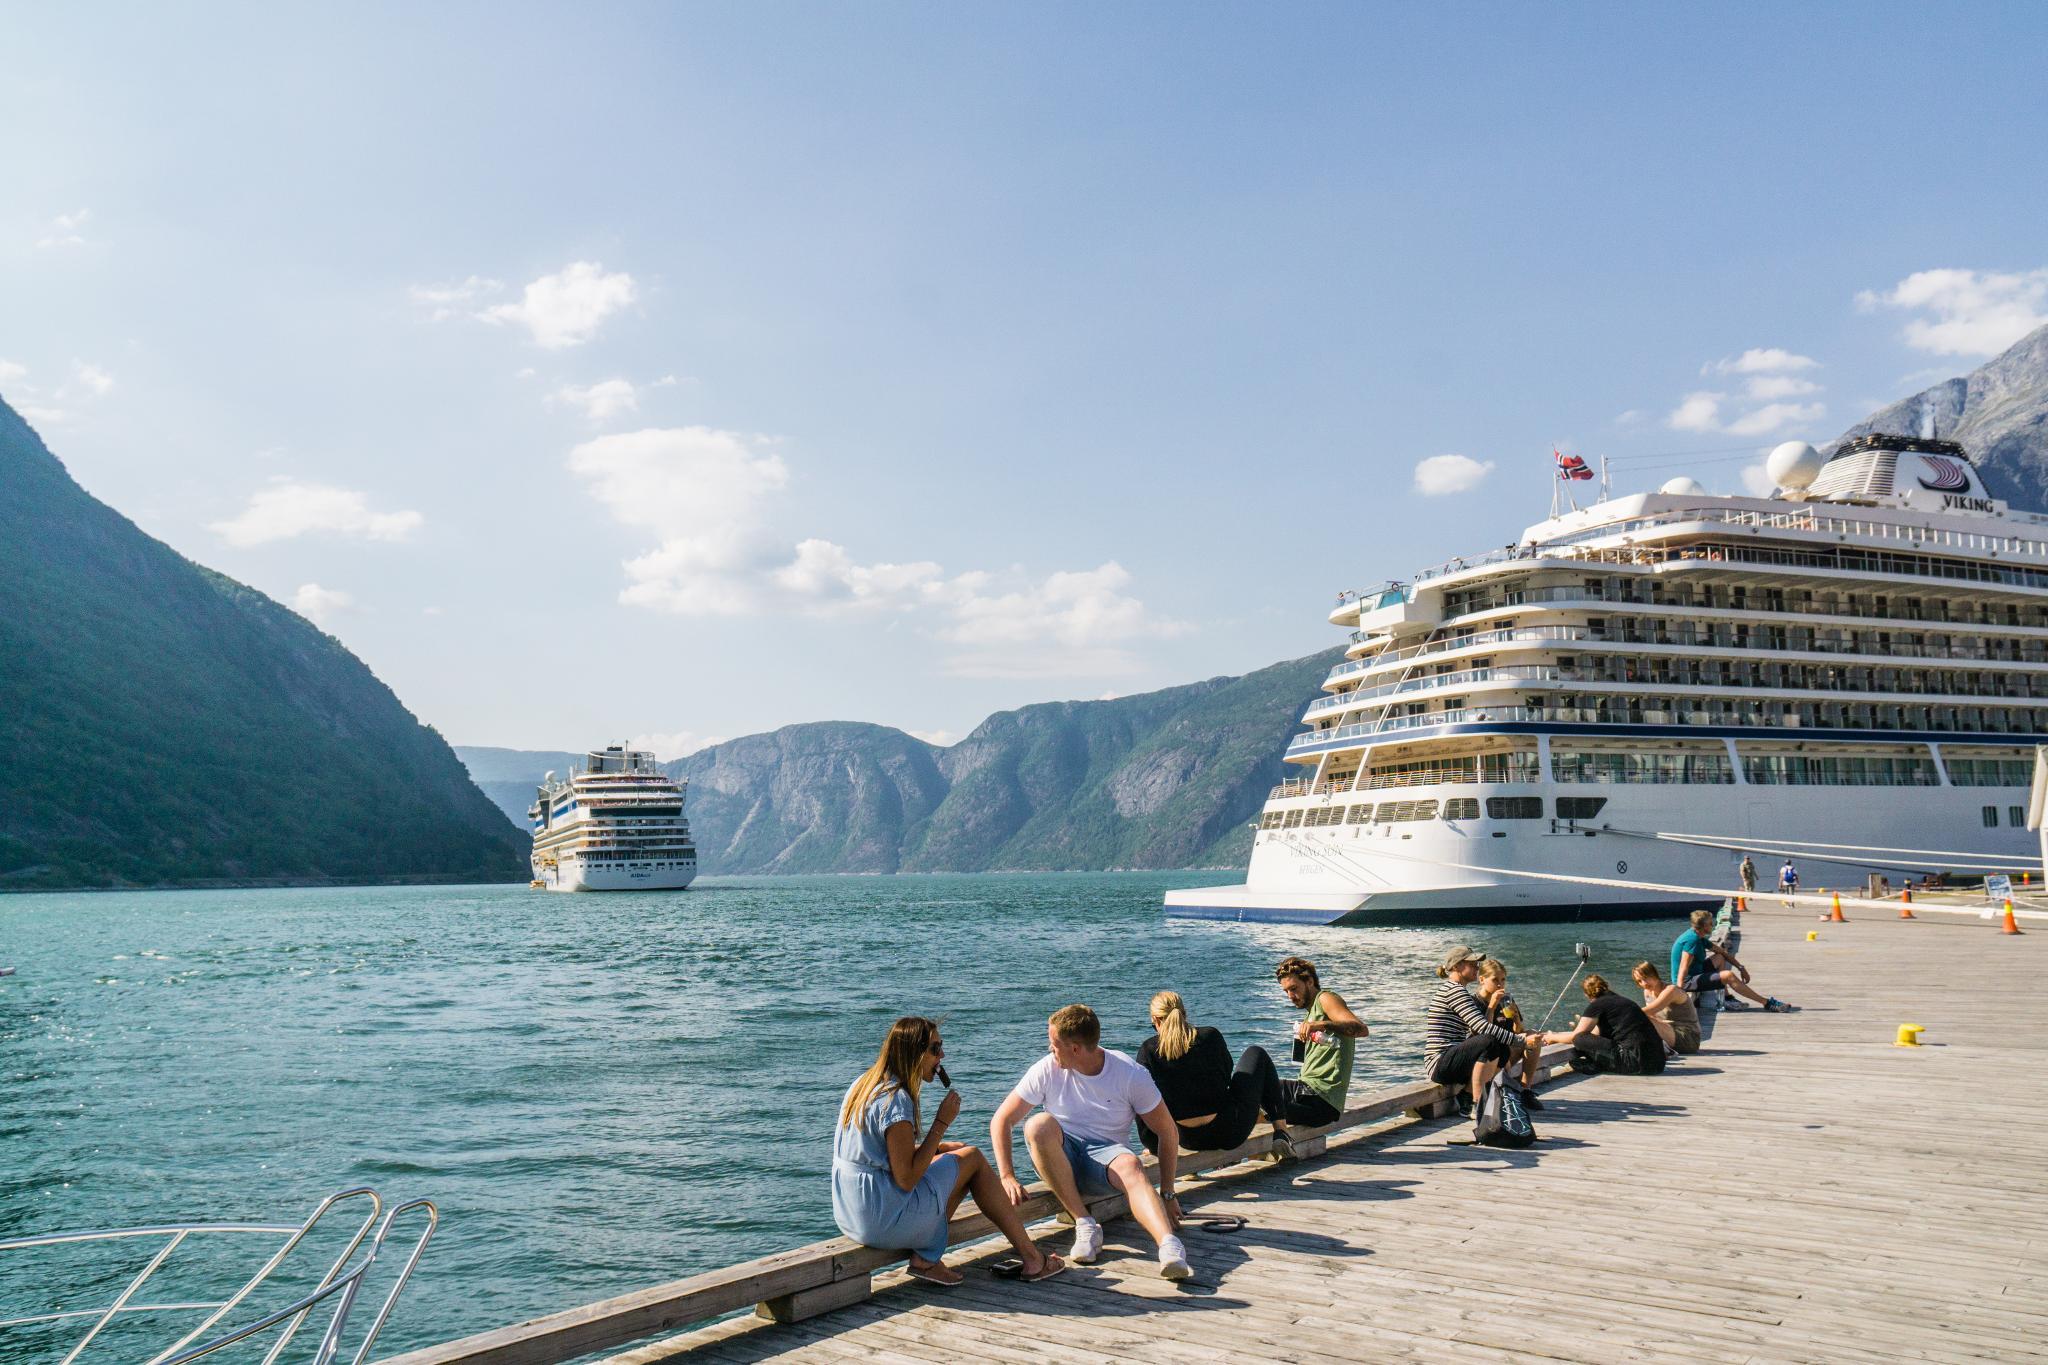 【北歐景點】哈丹格峽灣探秘:Eidfjord小鎮的無限風光 10